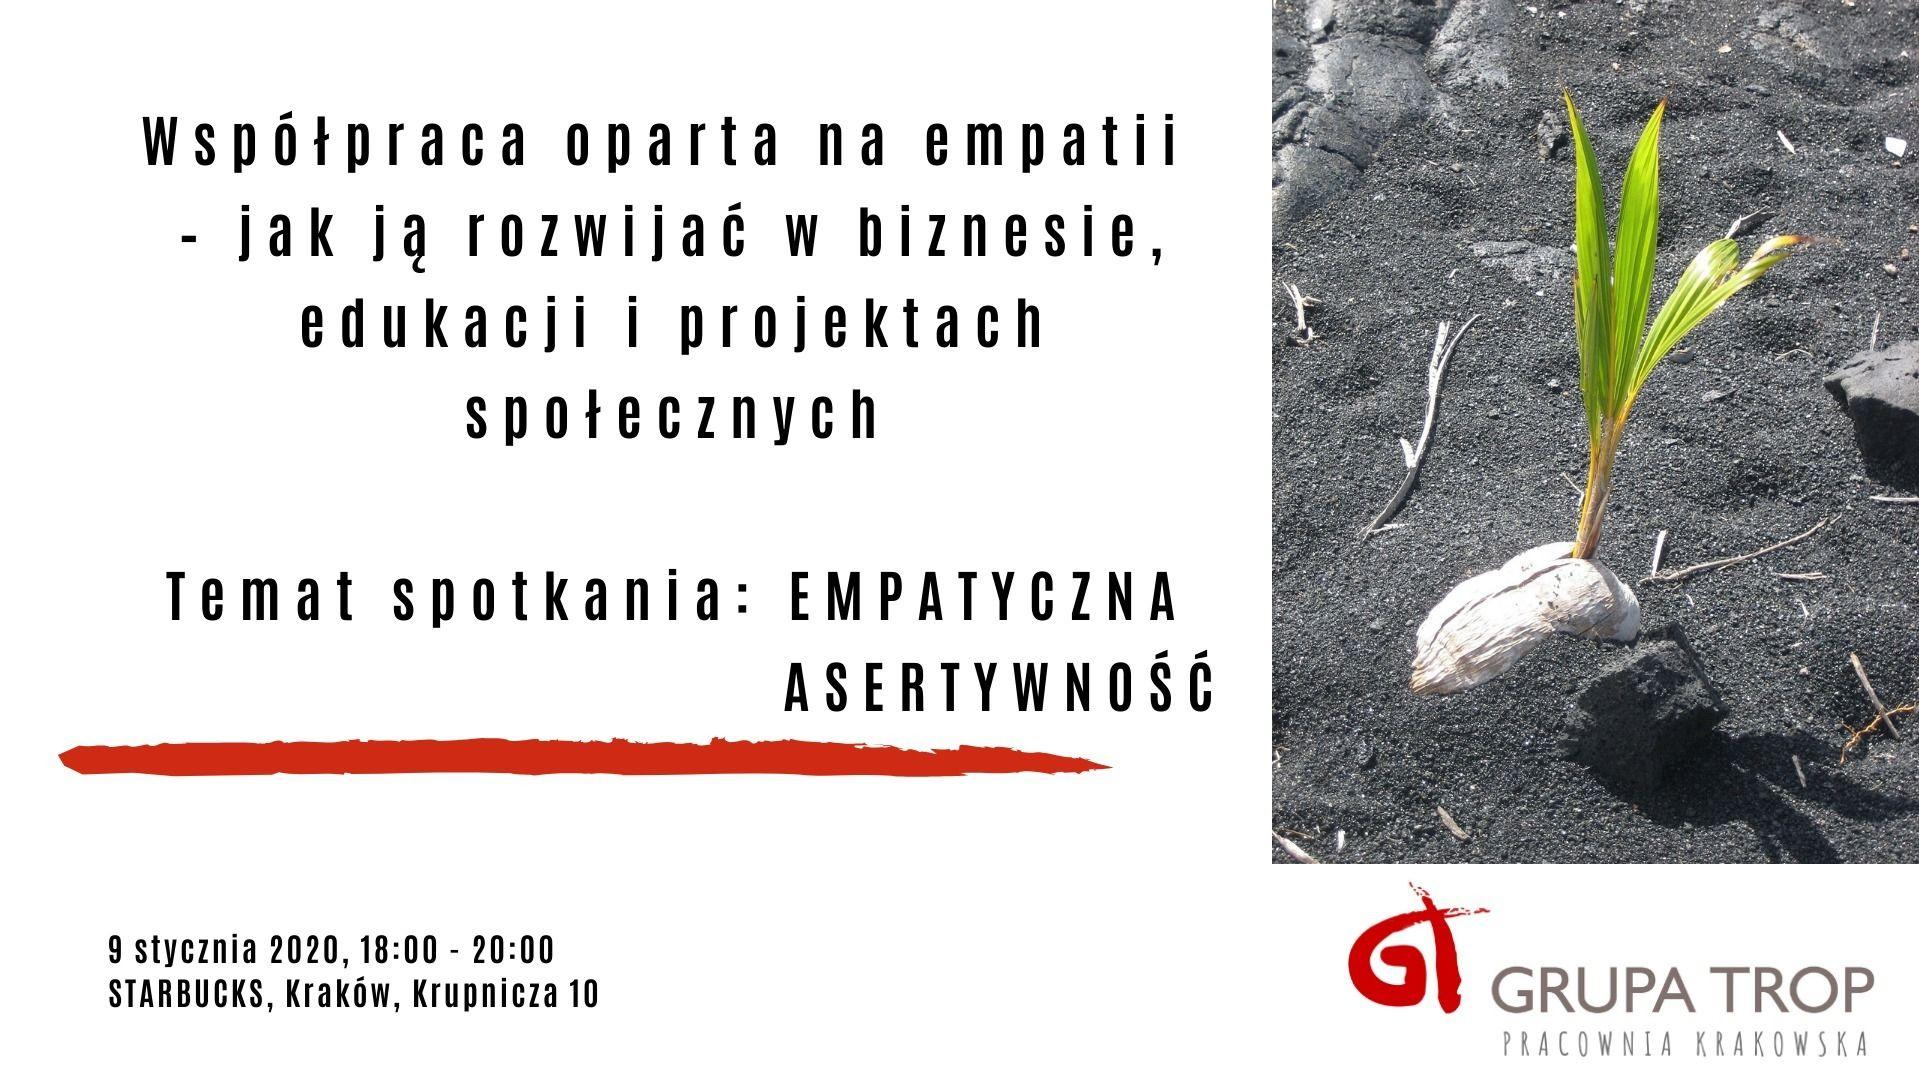 Świstak i przyjaciele organizują w Krakowie - Startupy Tech